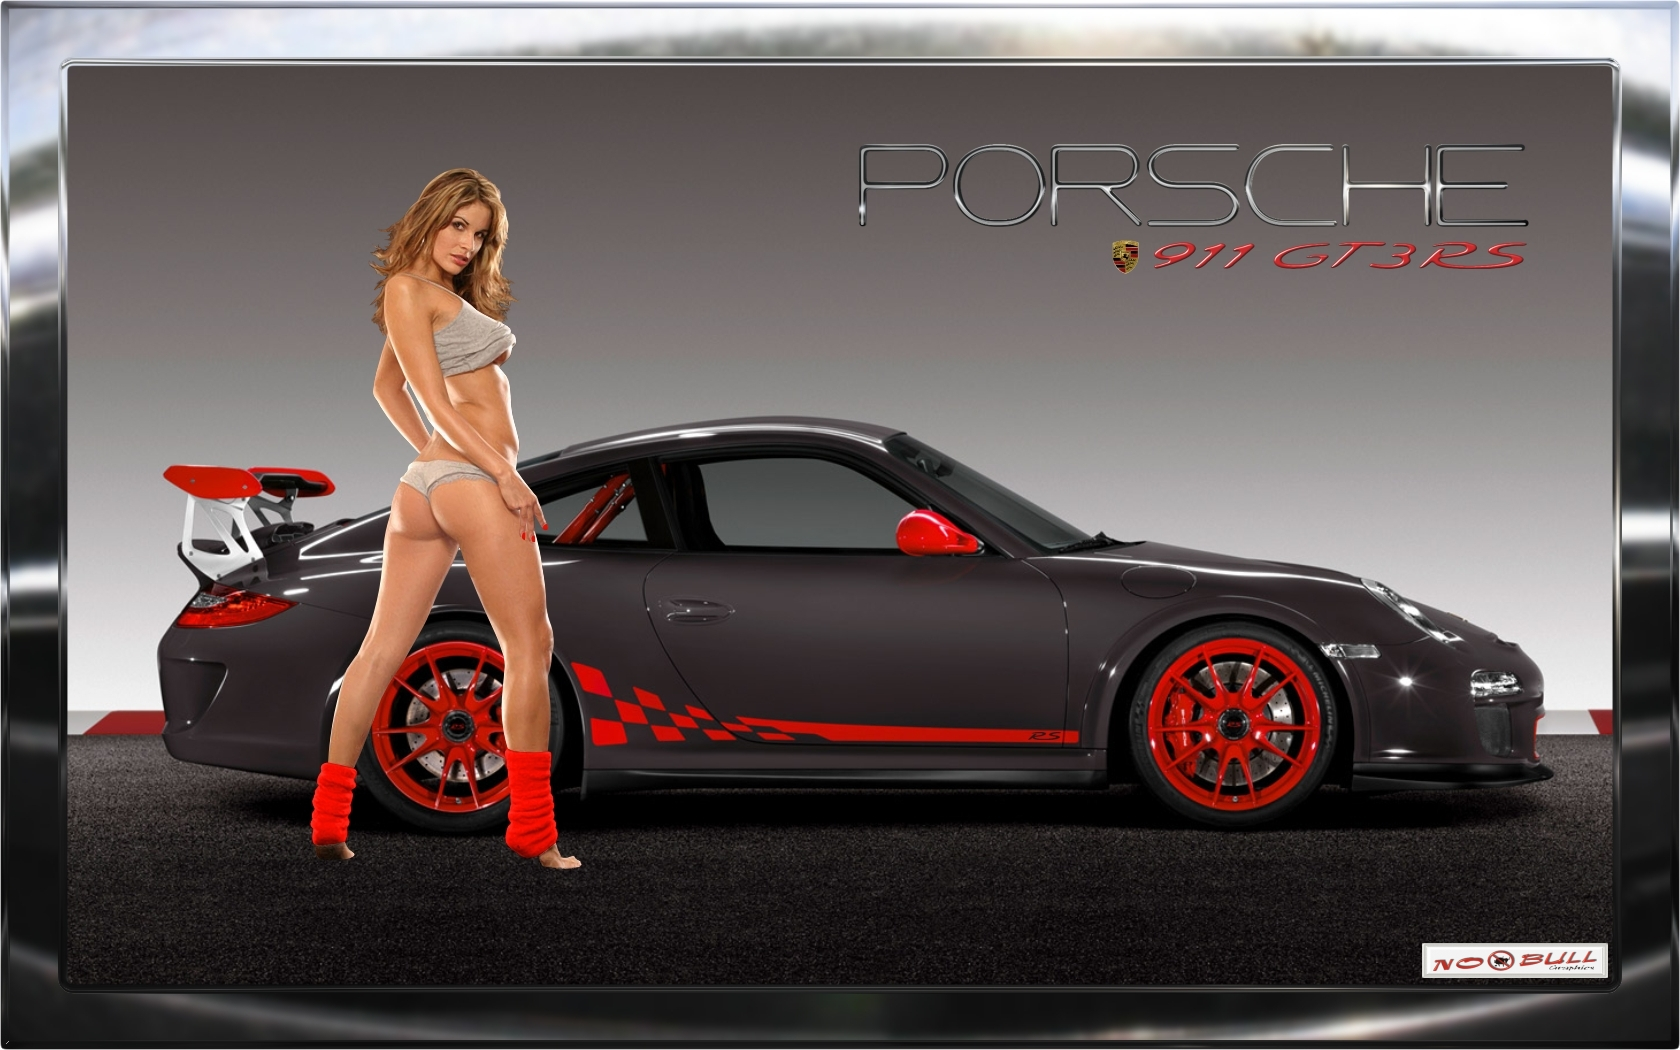 Porsche GT3 RS Wallpaper by no-bull